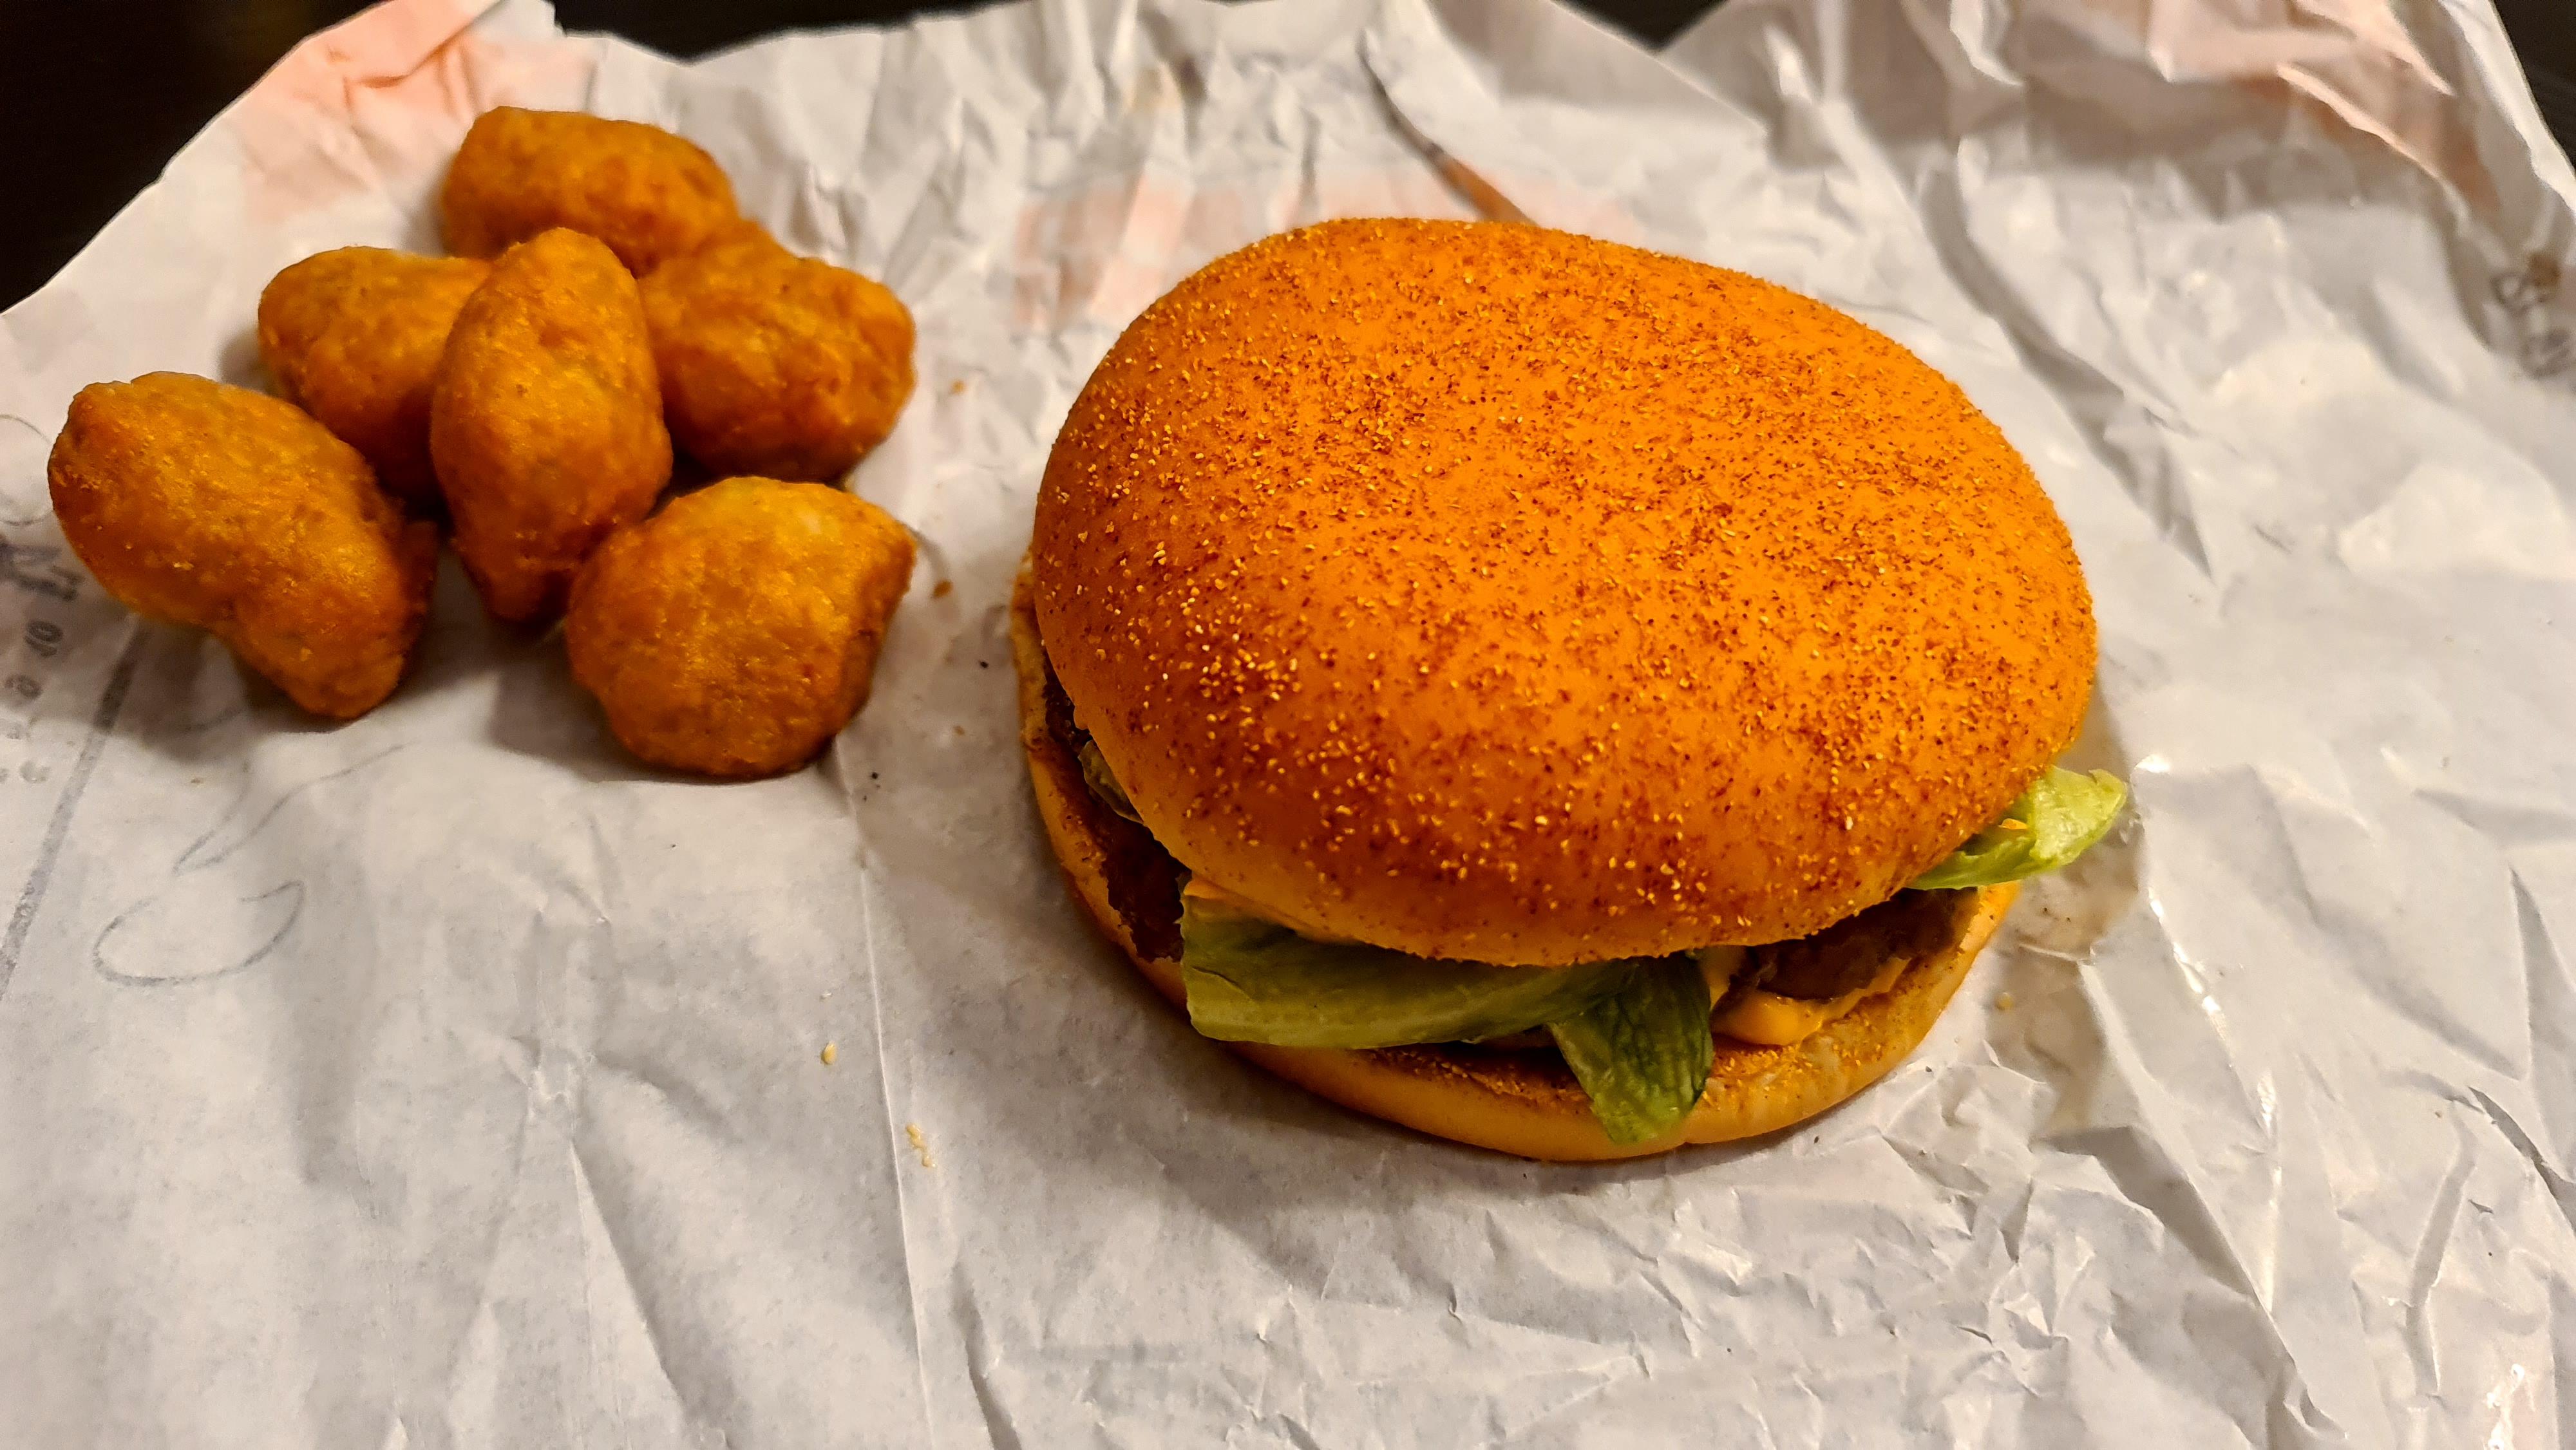 https://foodloader.net/Holz_2020-10-22_Burger_King.jpg